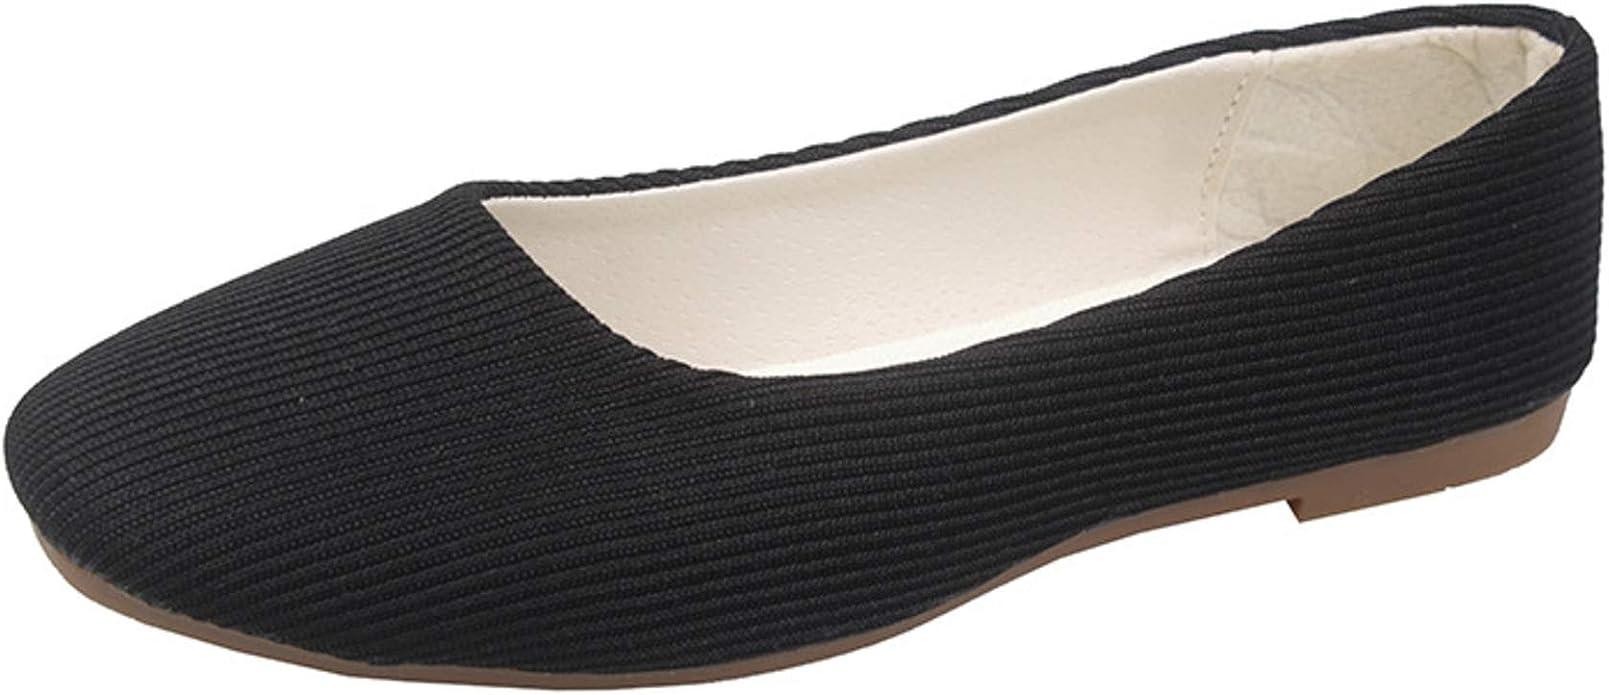 Women Ballet Flats - Womens Slip